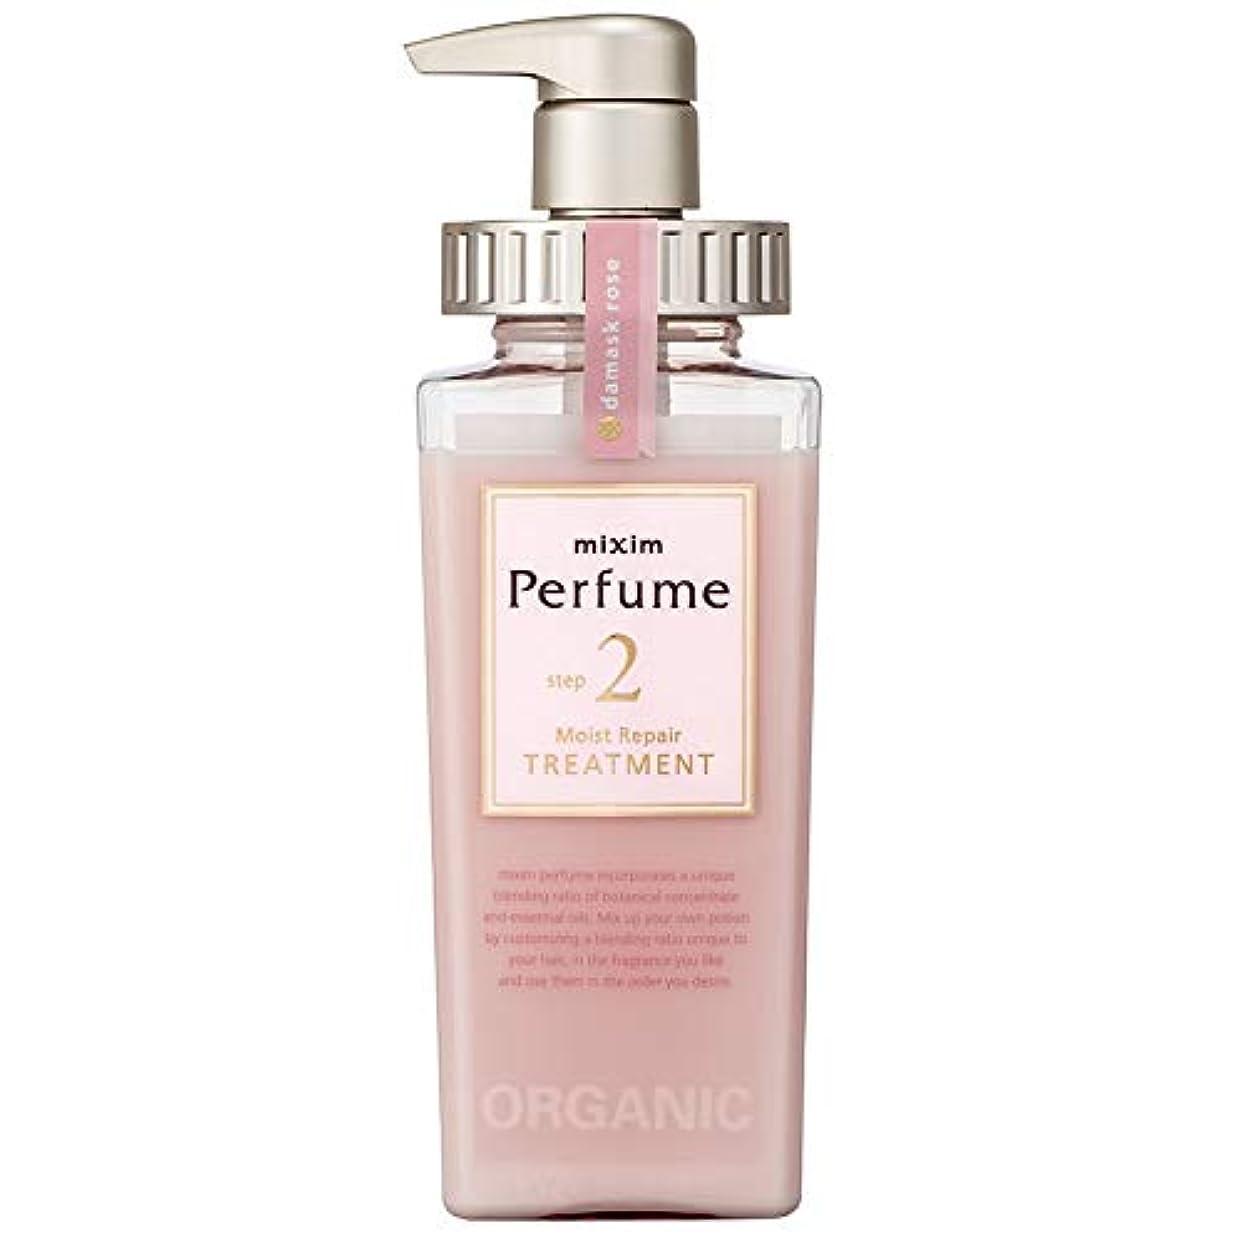 ベル消化条件付きmixim Perfume(ミクシムパフューム) モイストリペア ヘアトリートメント 440g